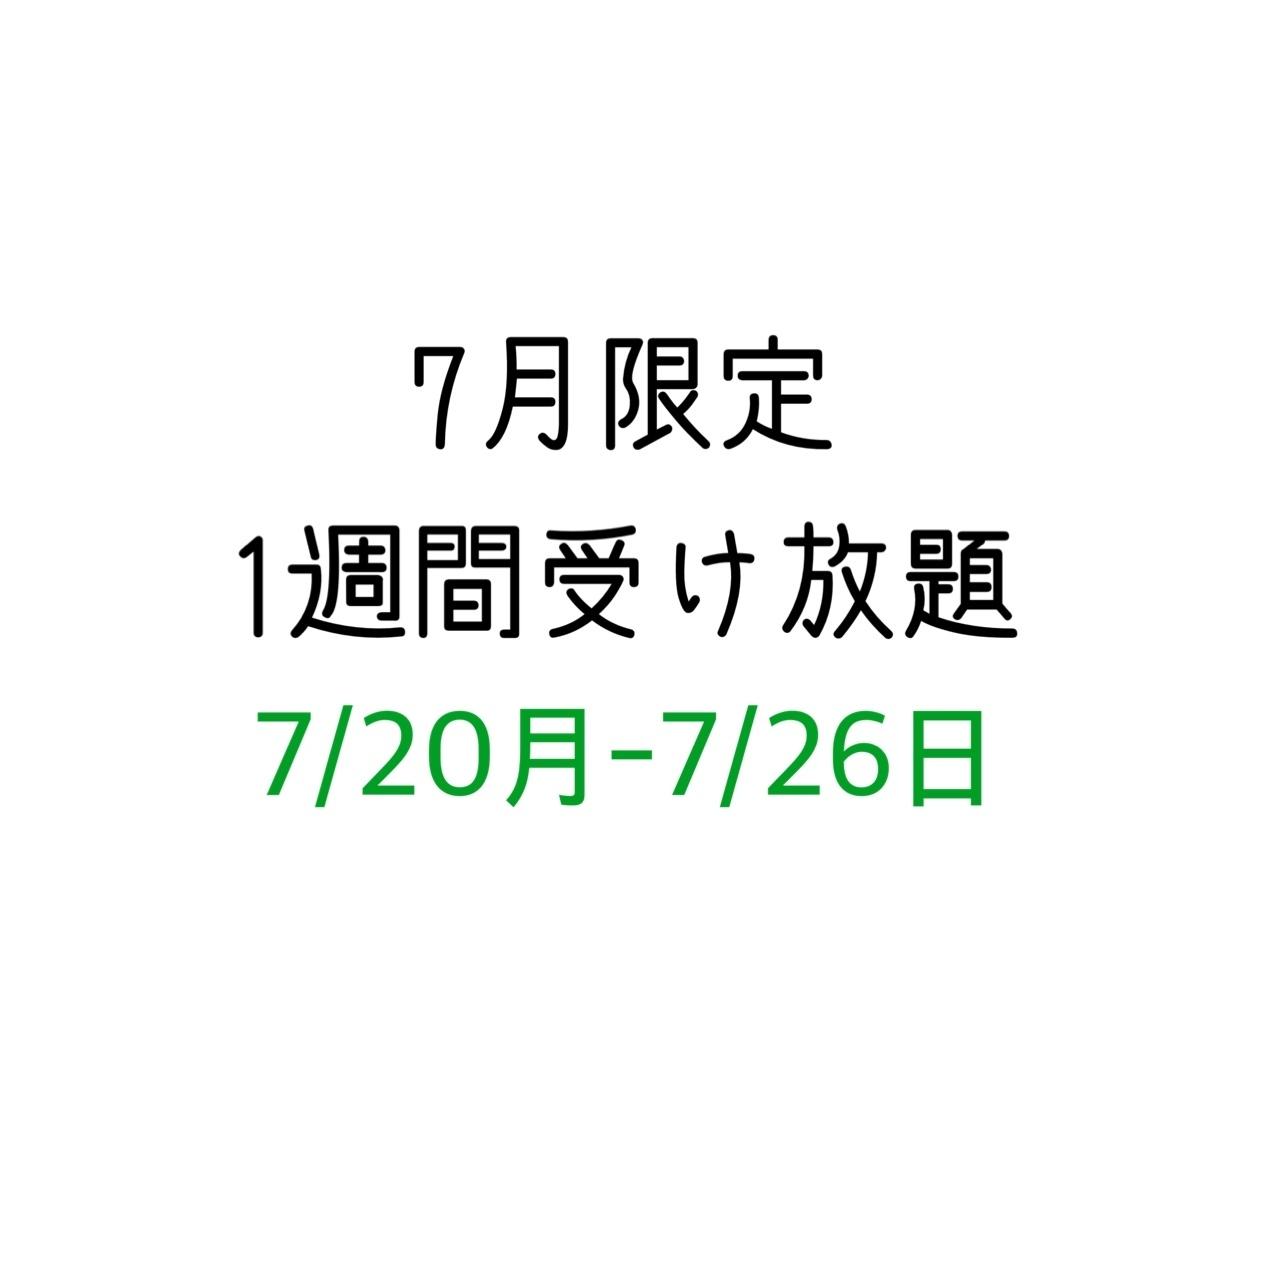 ③【特別企画】1週間受け放題7/20-7/26のご予約